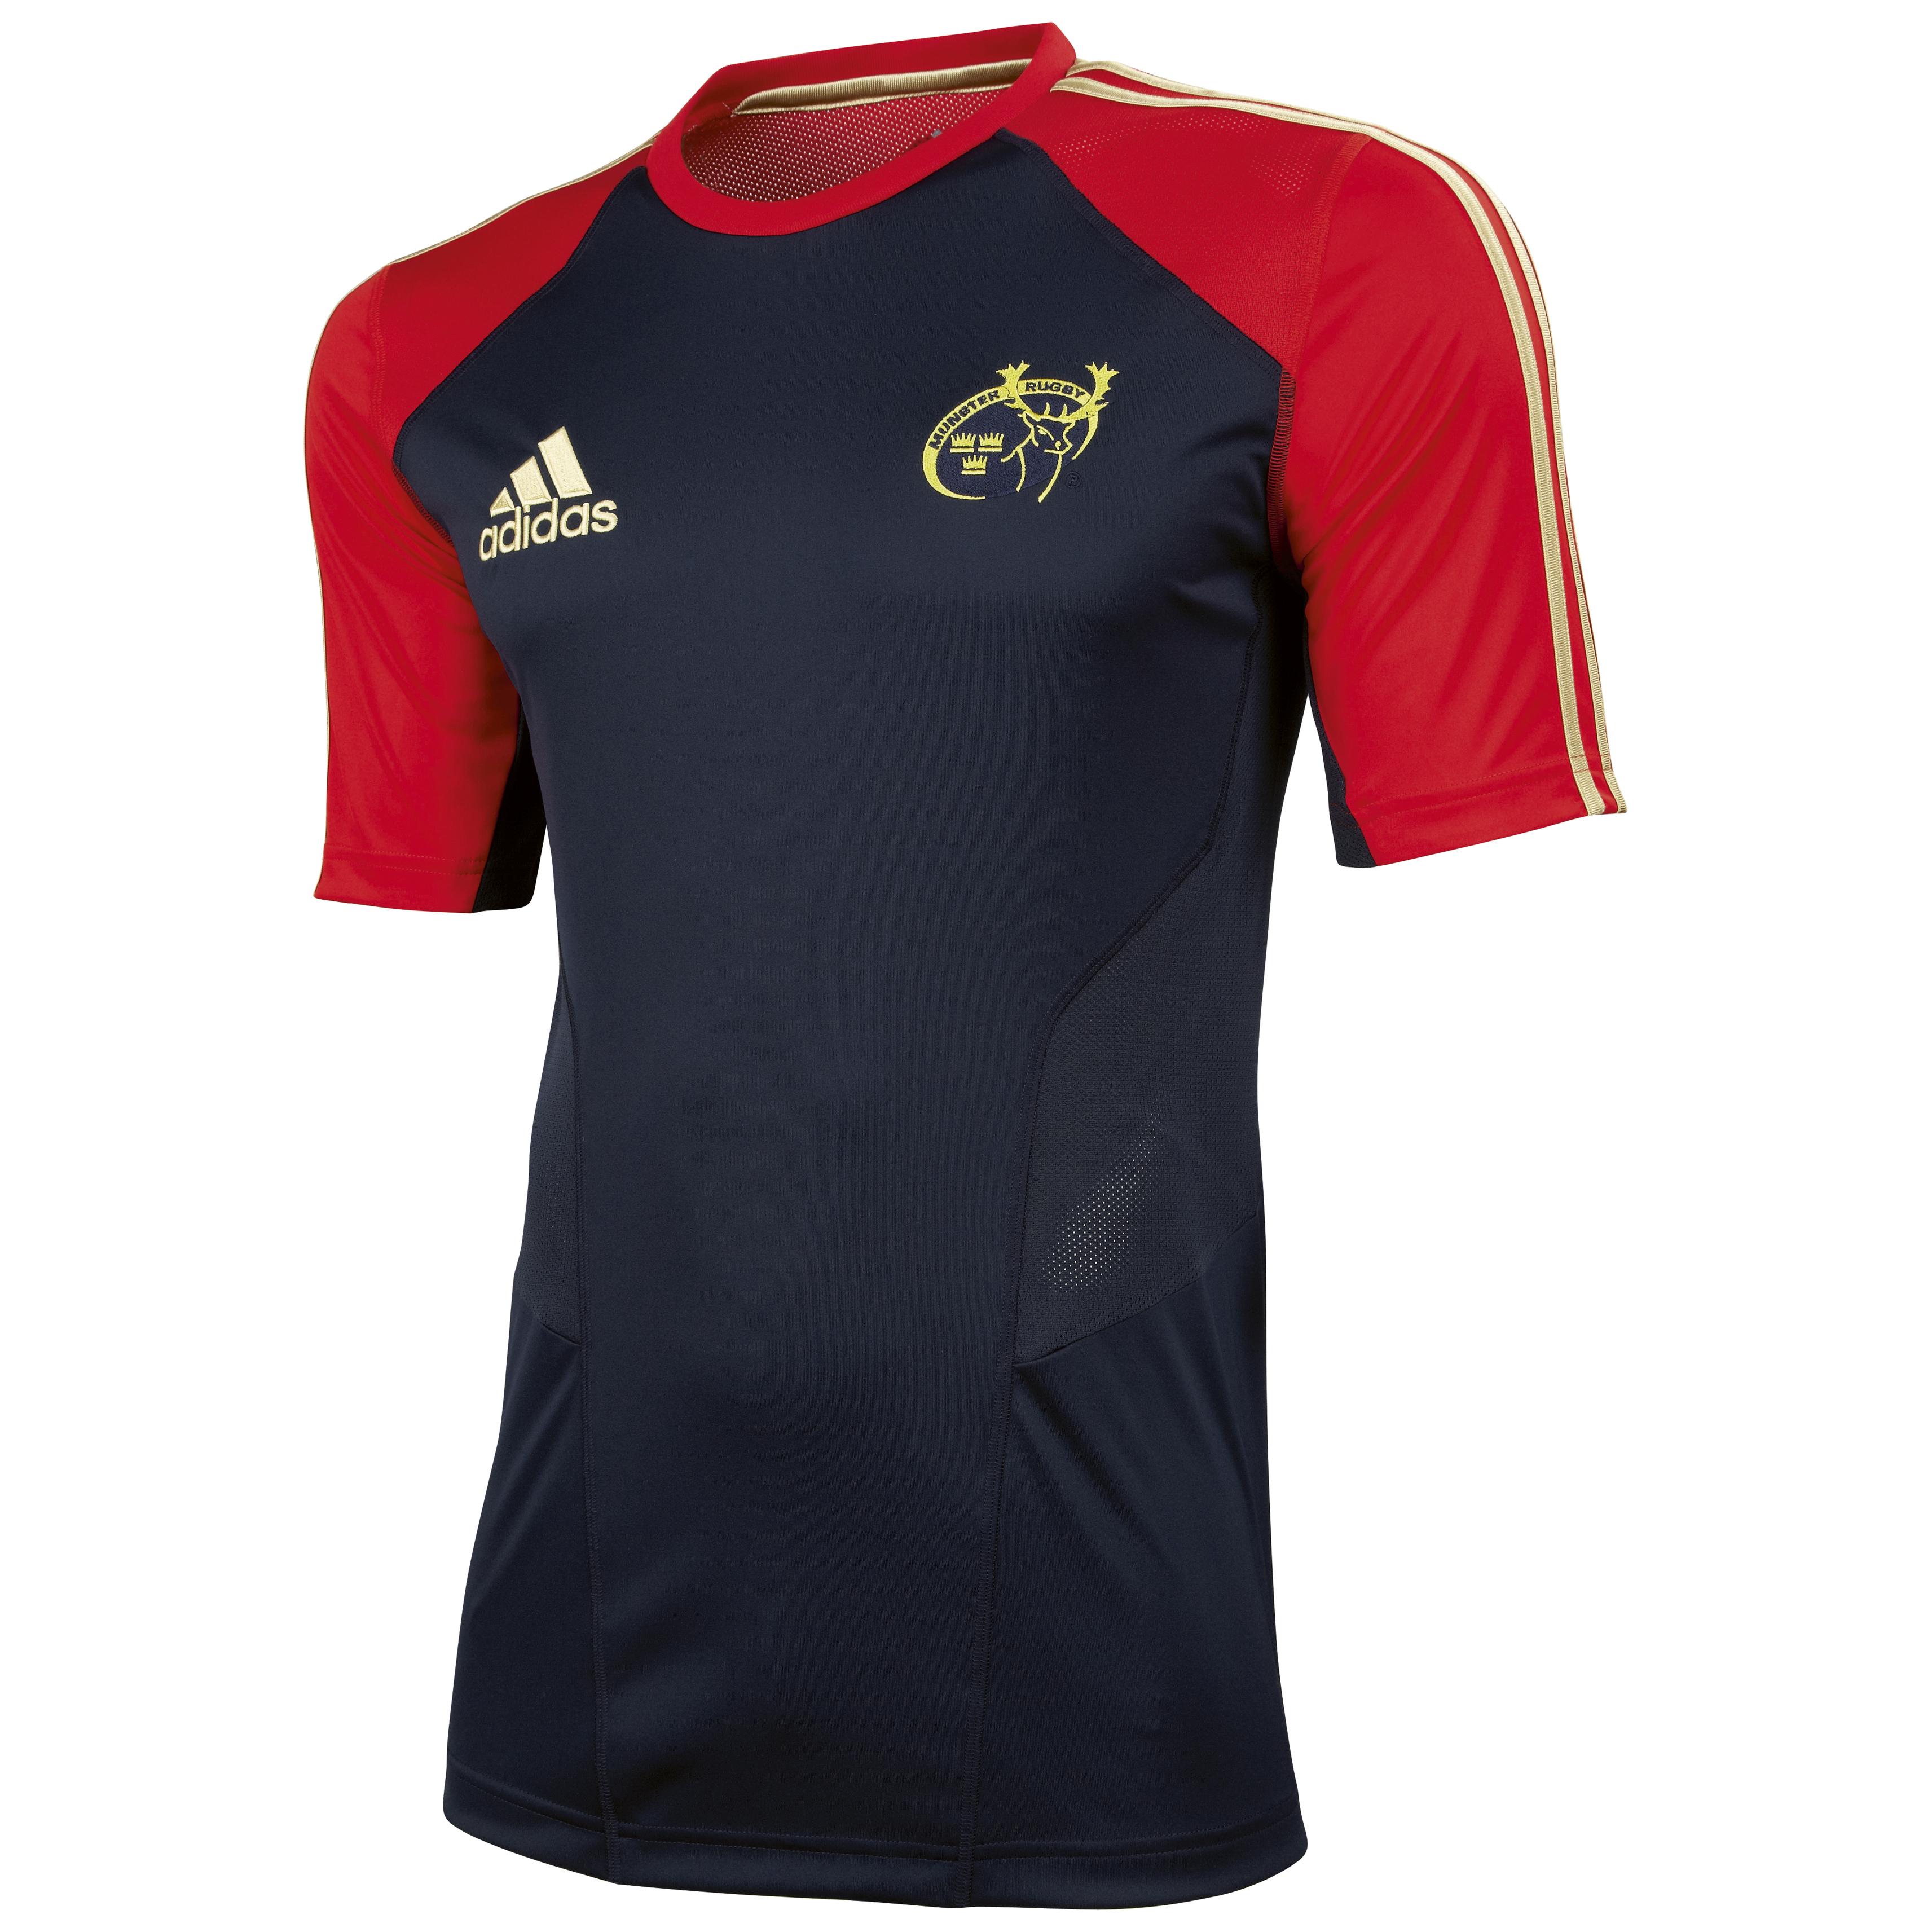 Munster Performance T-Shirt - Dark Navy/Collegiate Red/Light Football Gold. for 18€